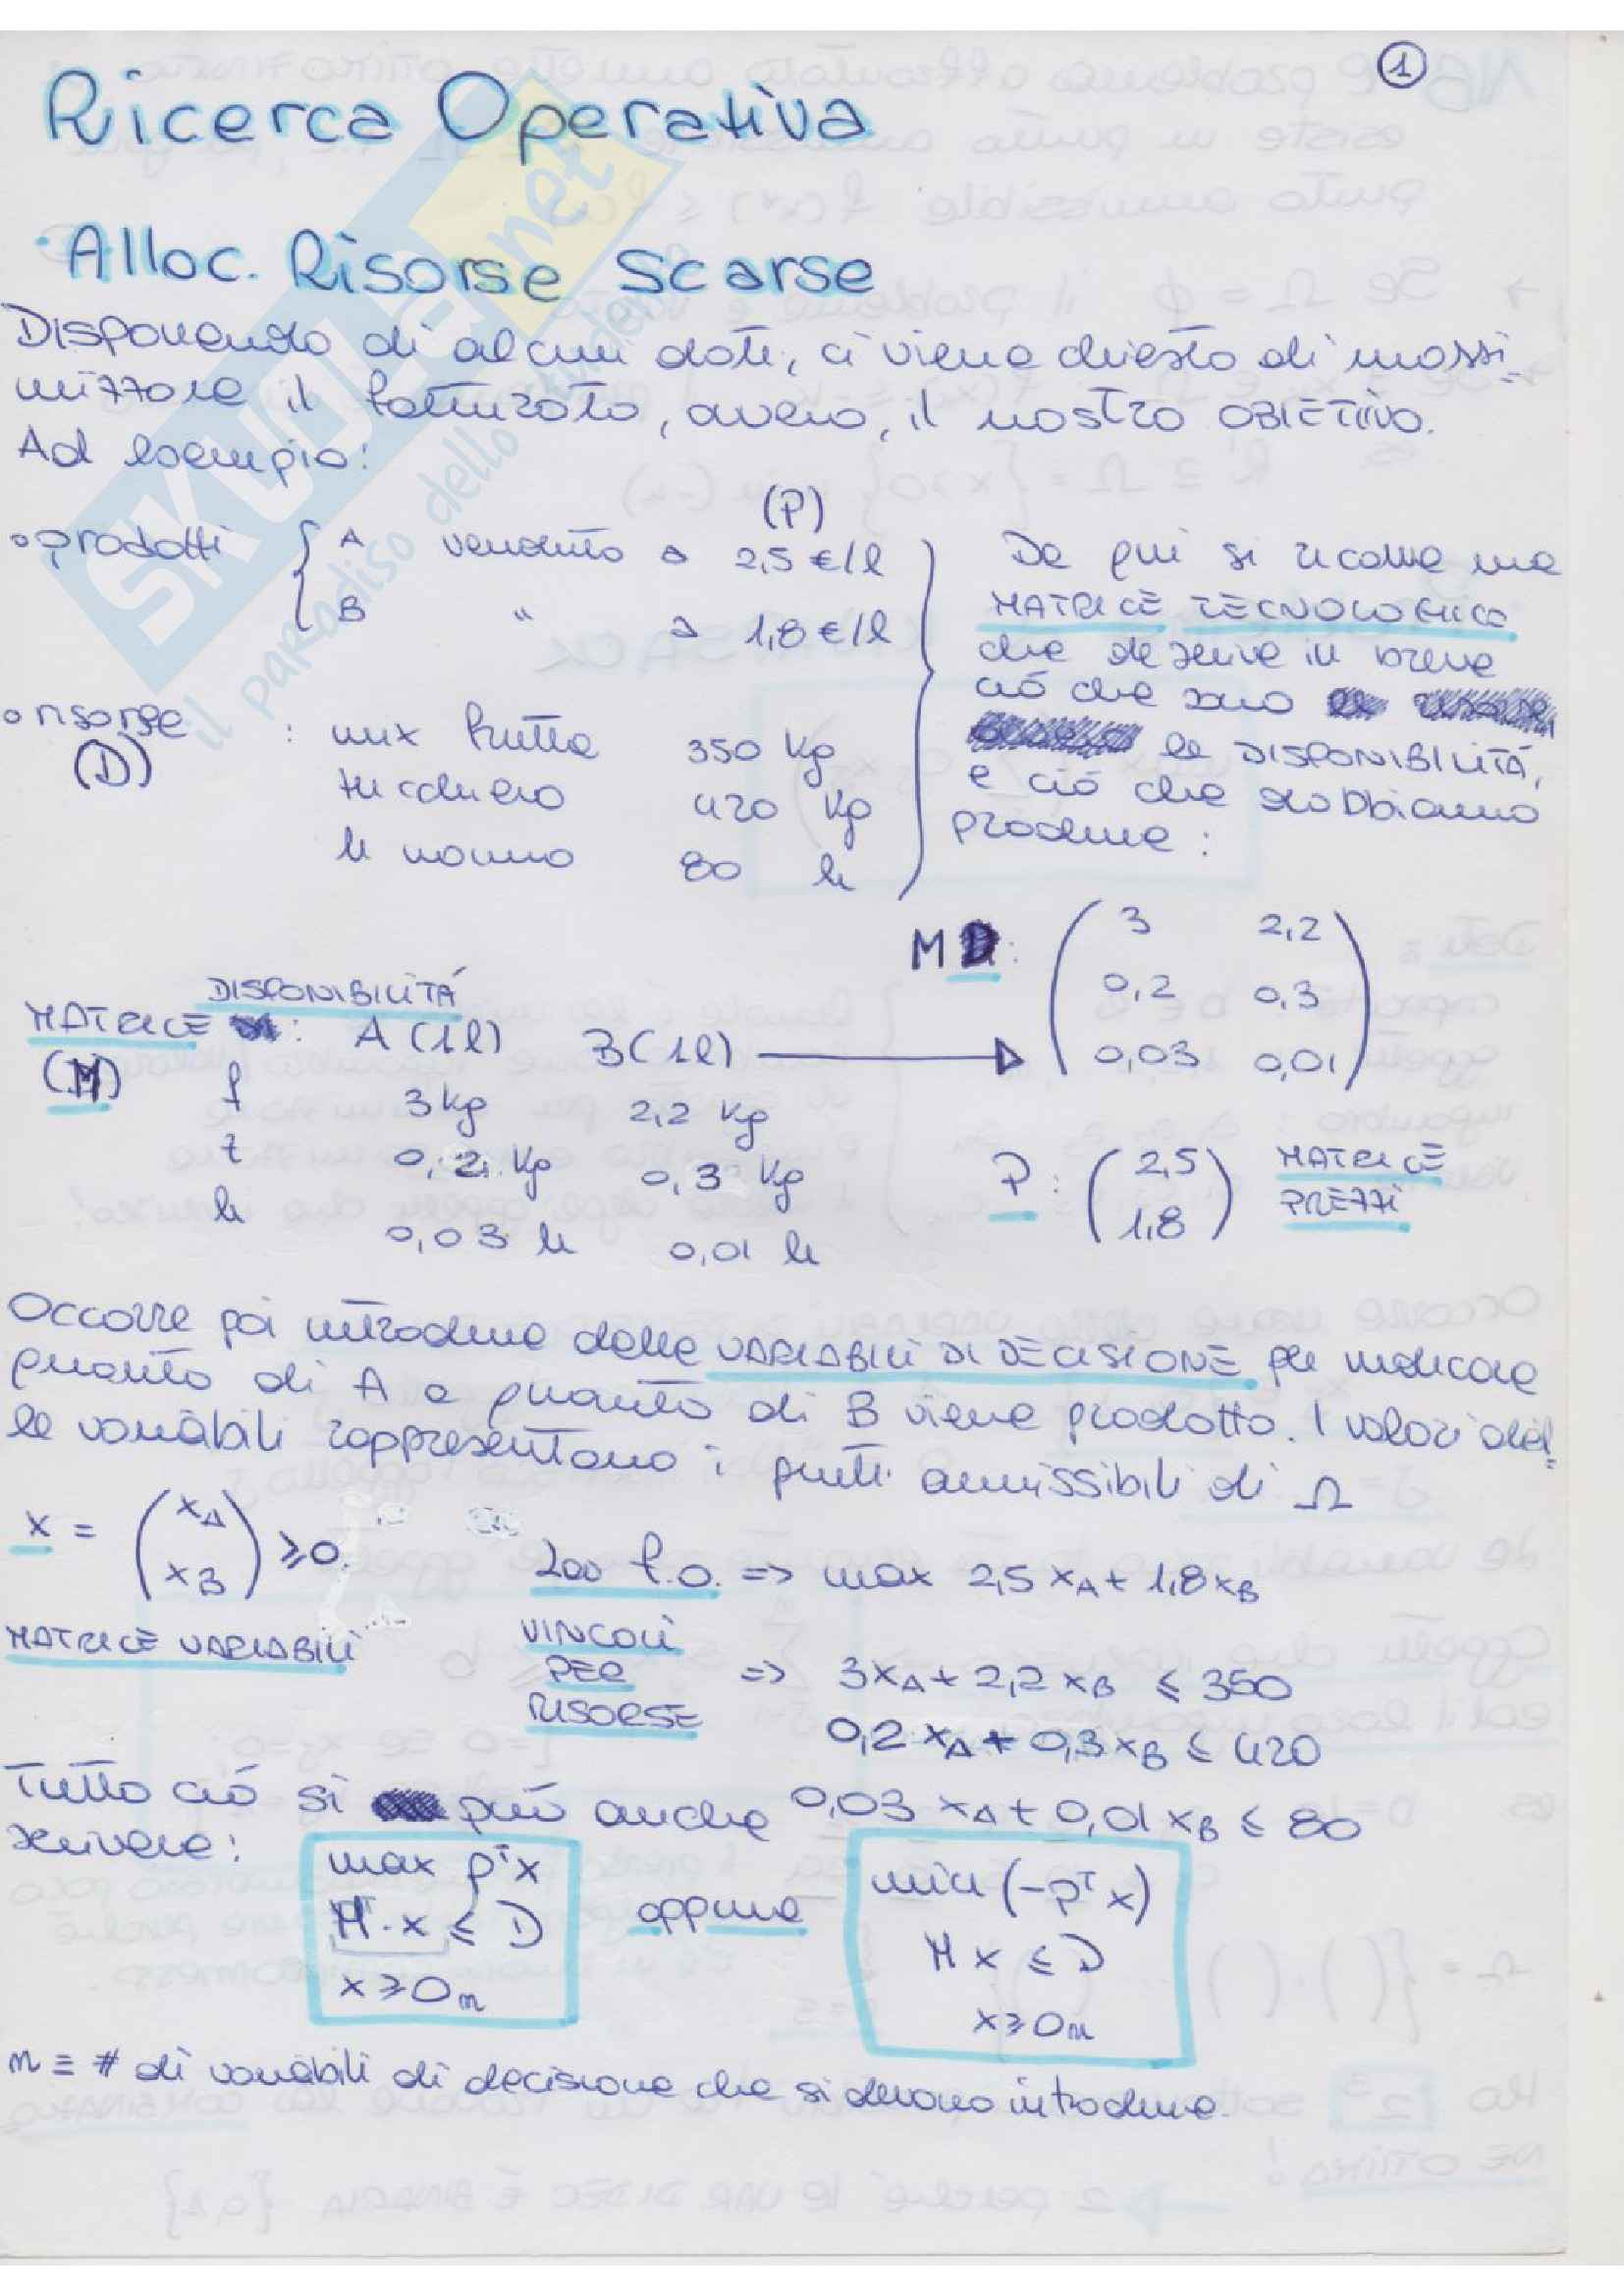 Riassunto esame Ricerca, prof. Pacifici, libro consigliato Lezioni di Ricerca Operativa, Fischetti